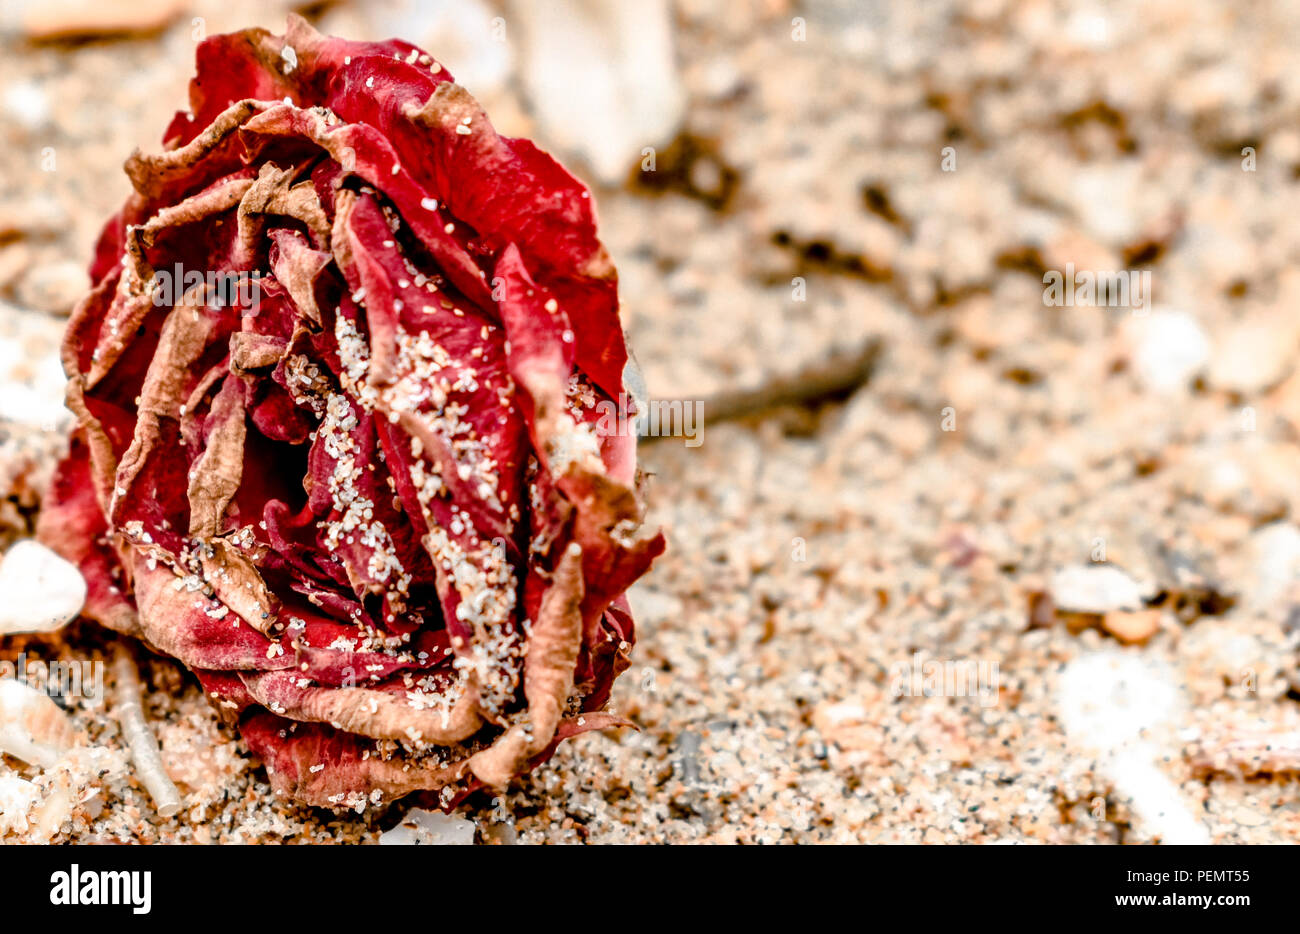 Cerca de Dead Rose, de color rojo, y todos se extinguieron y tumbarse en la playa, con pétalos secos cubiertos de arena. como la rosa sobre la tumba de alguien amado. Imagen De Stock